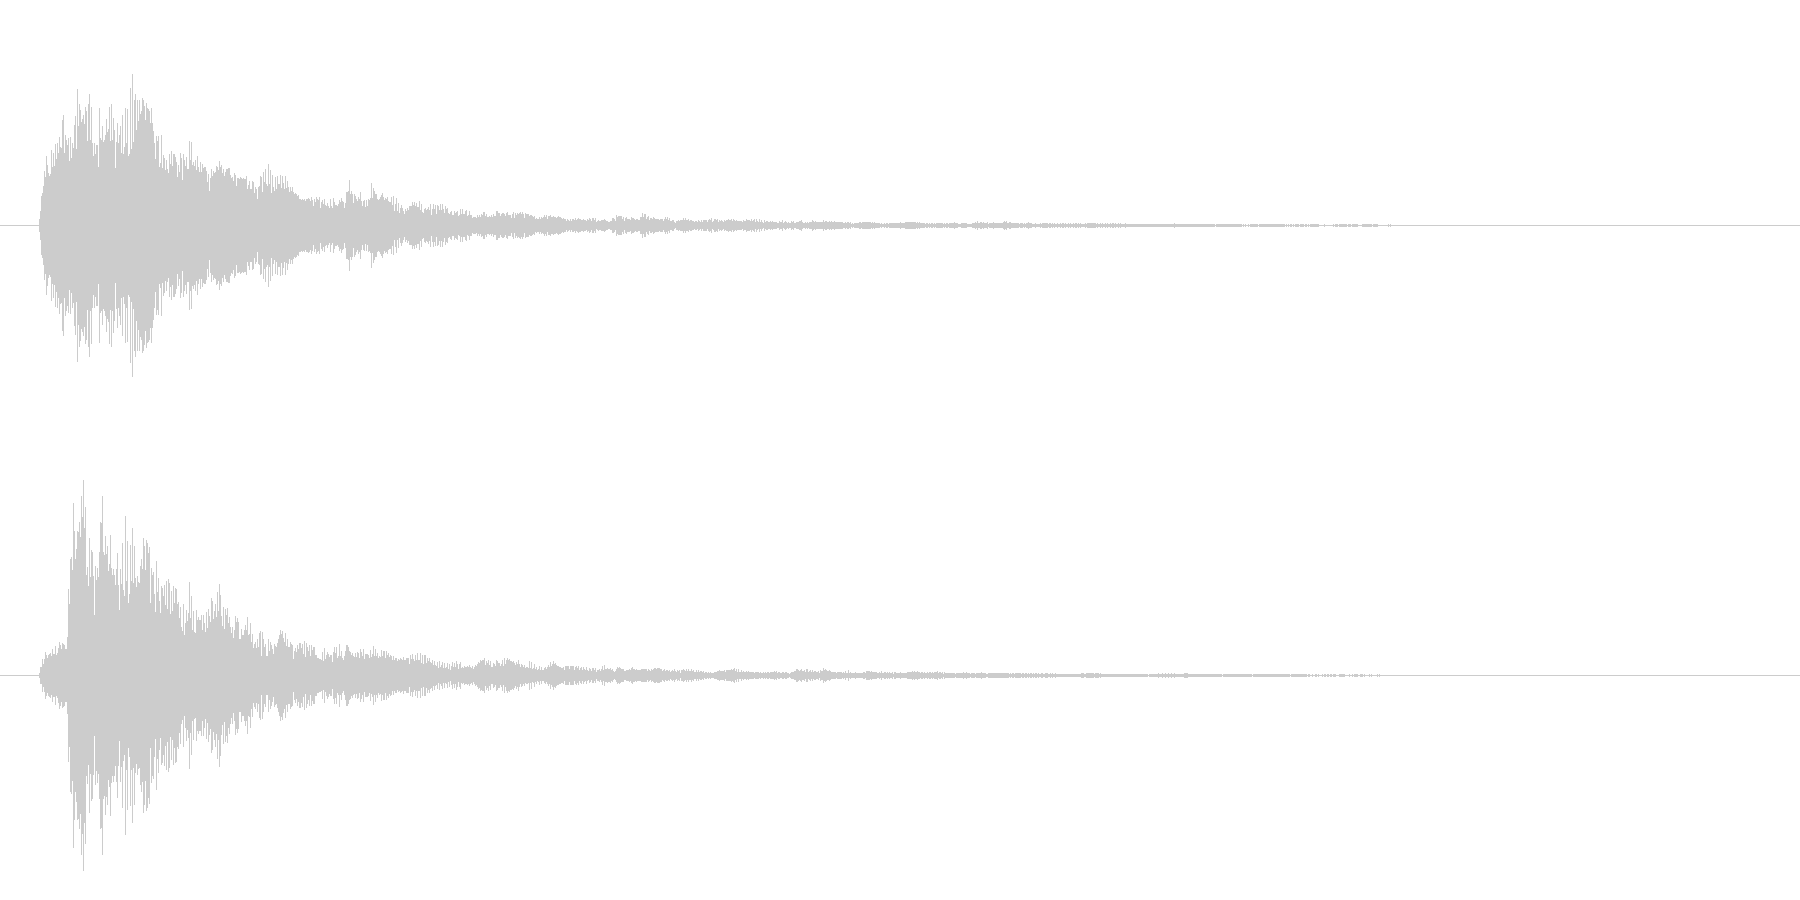 ロボ系の音の未再生の波形